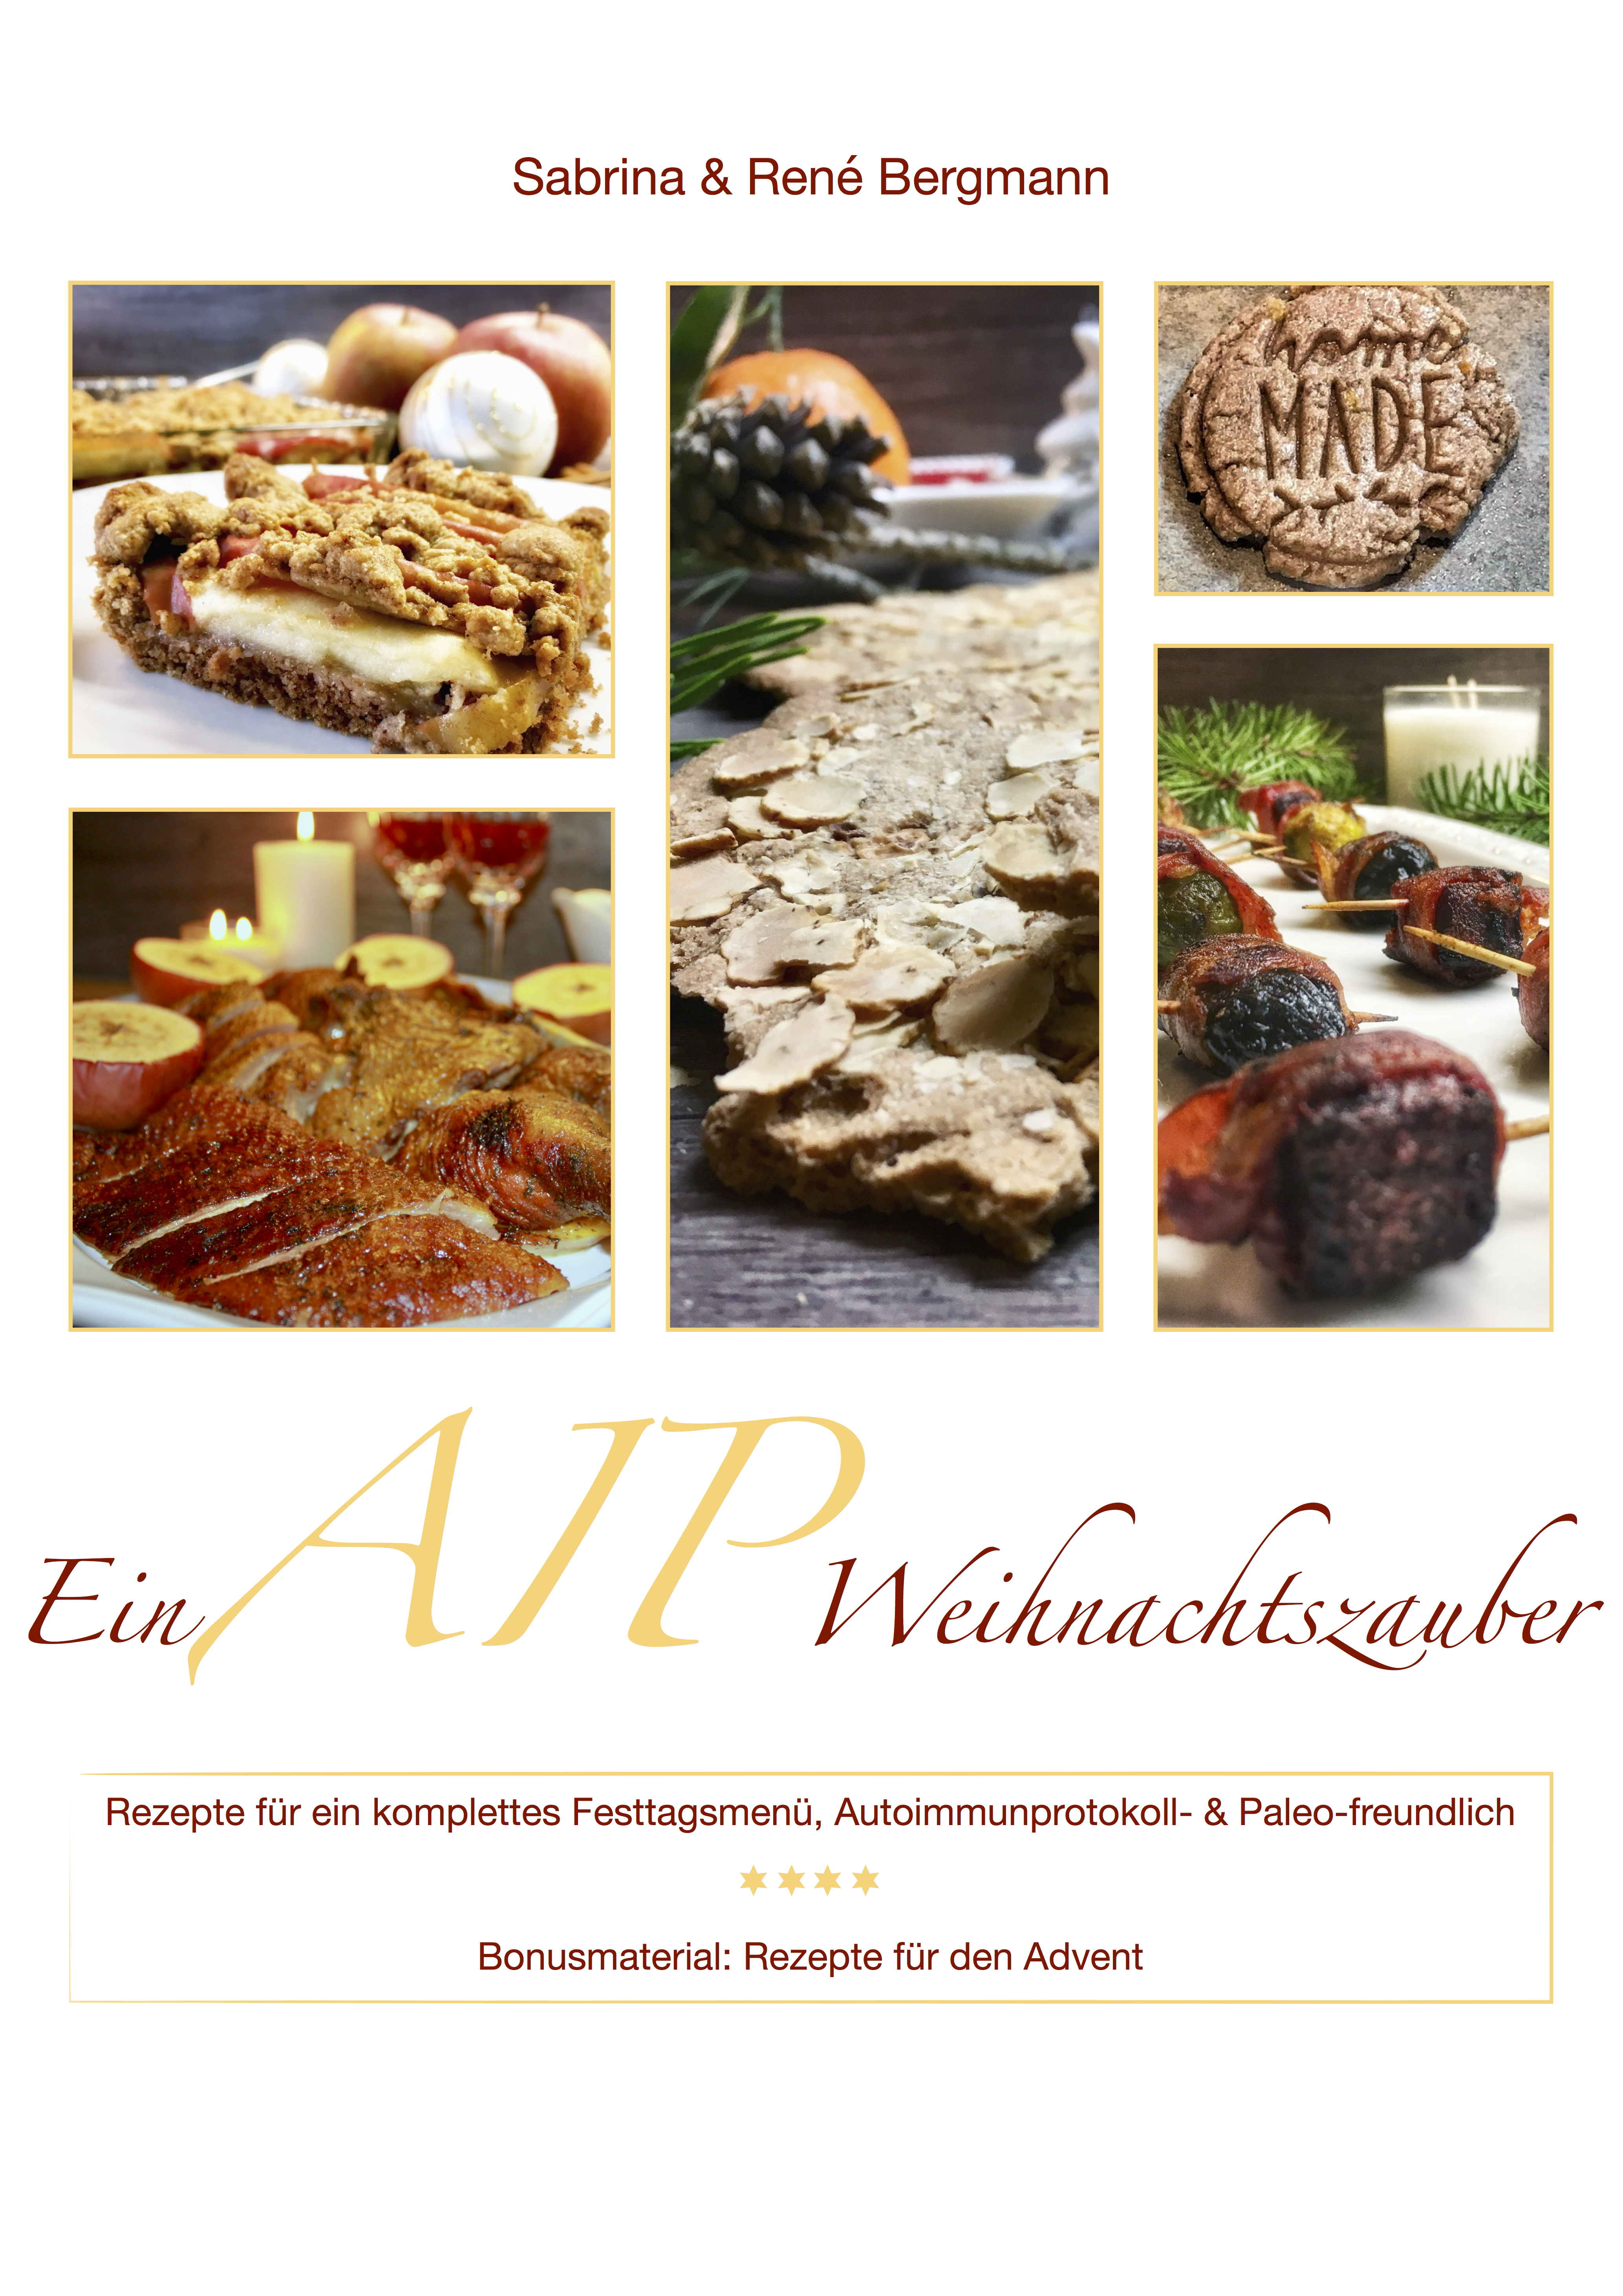 Das Cover unseres ersten Buches: Ein AIP Weihnachtszauber.